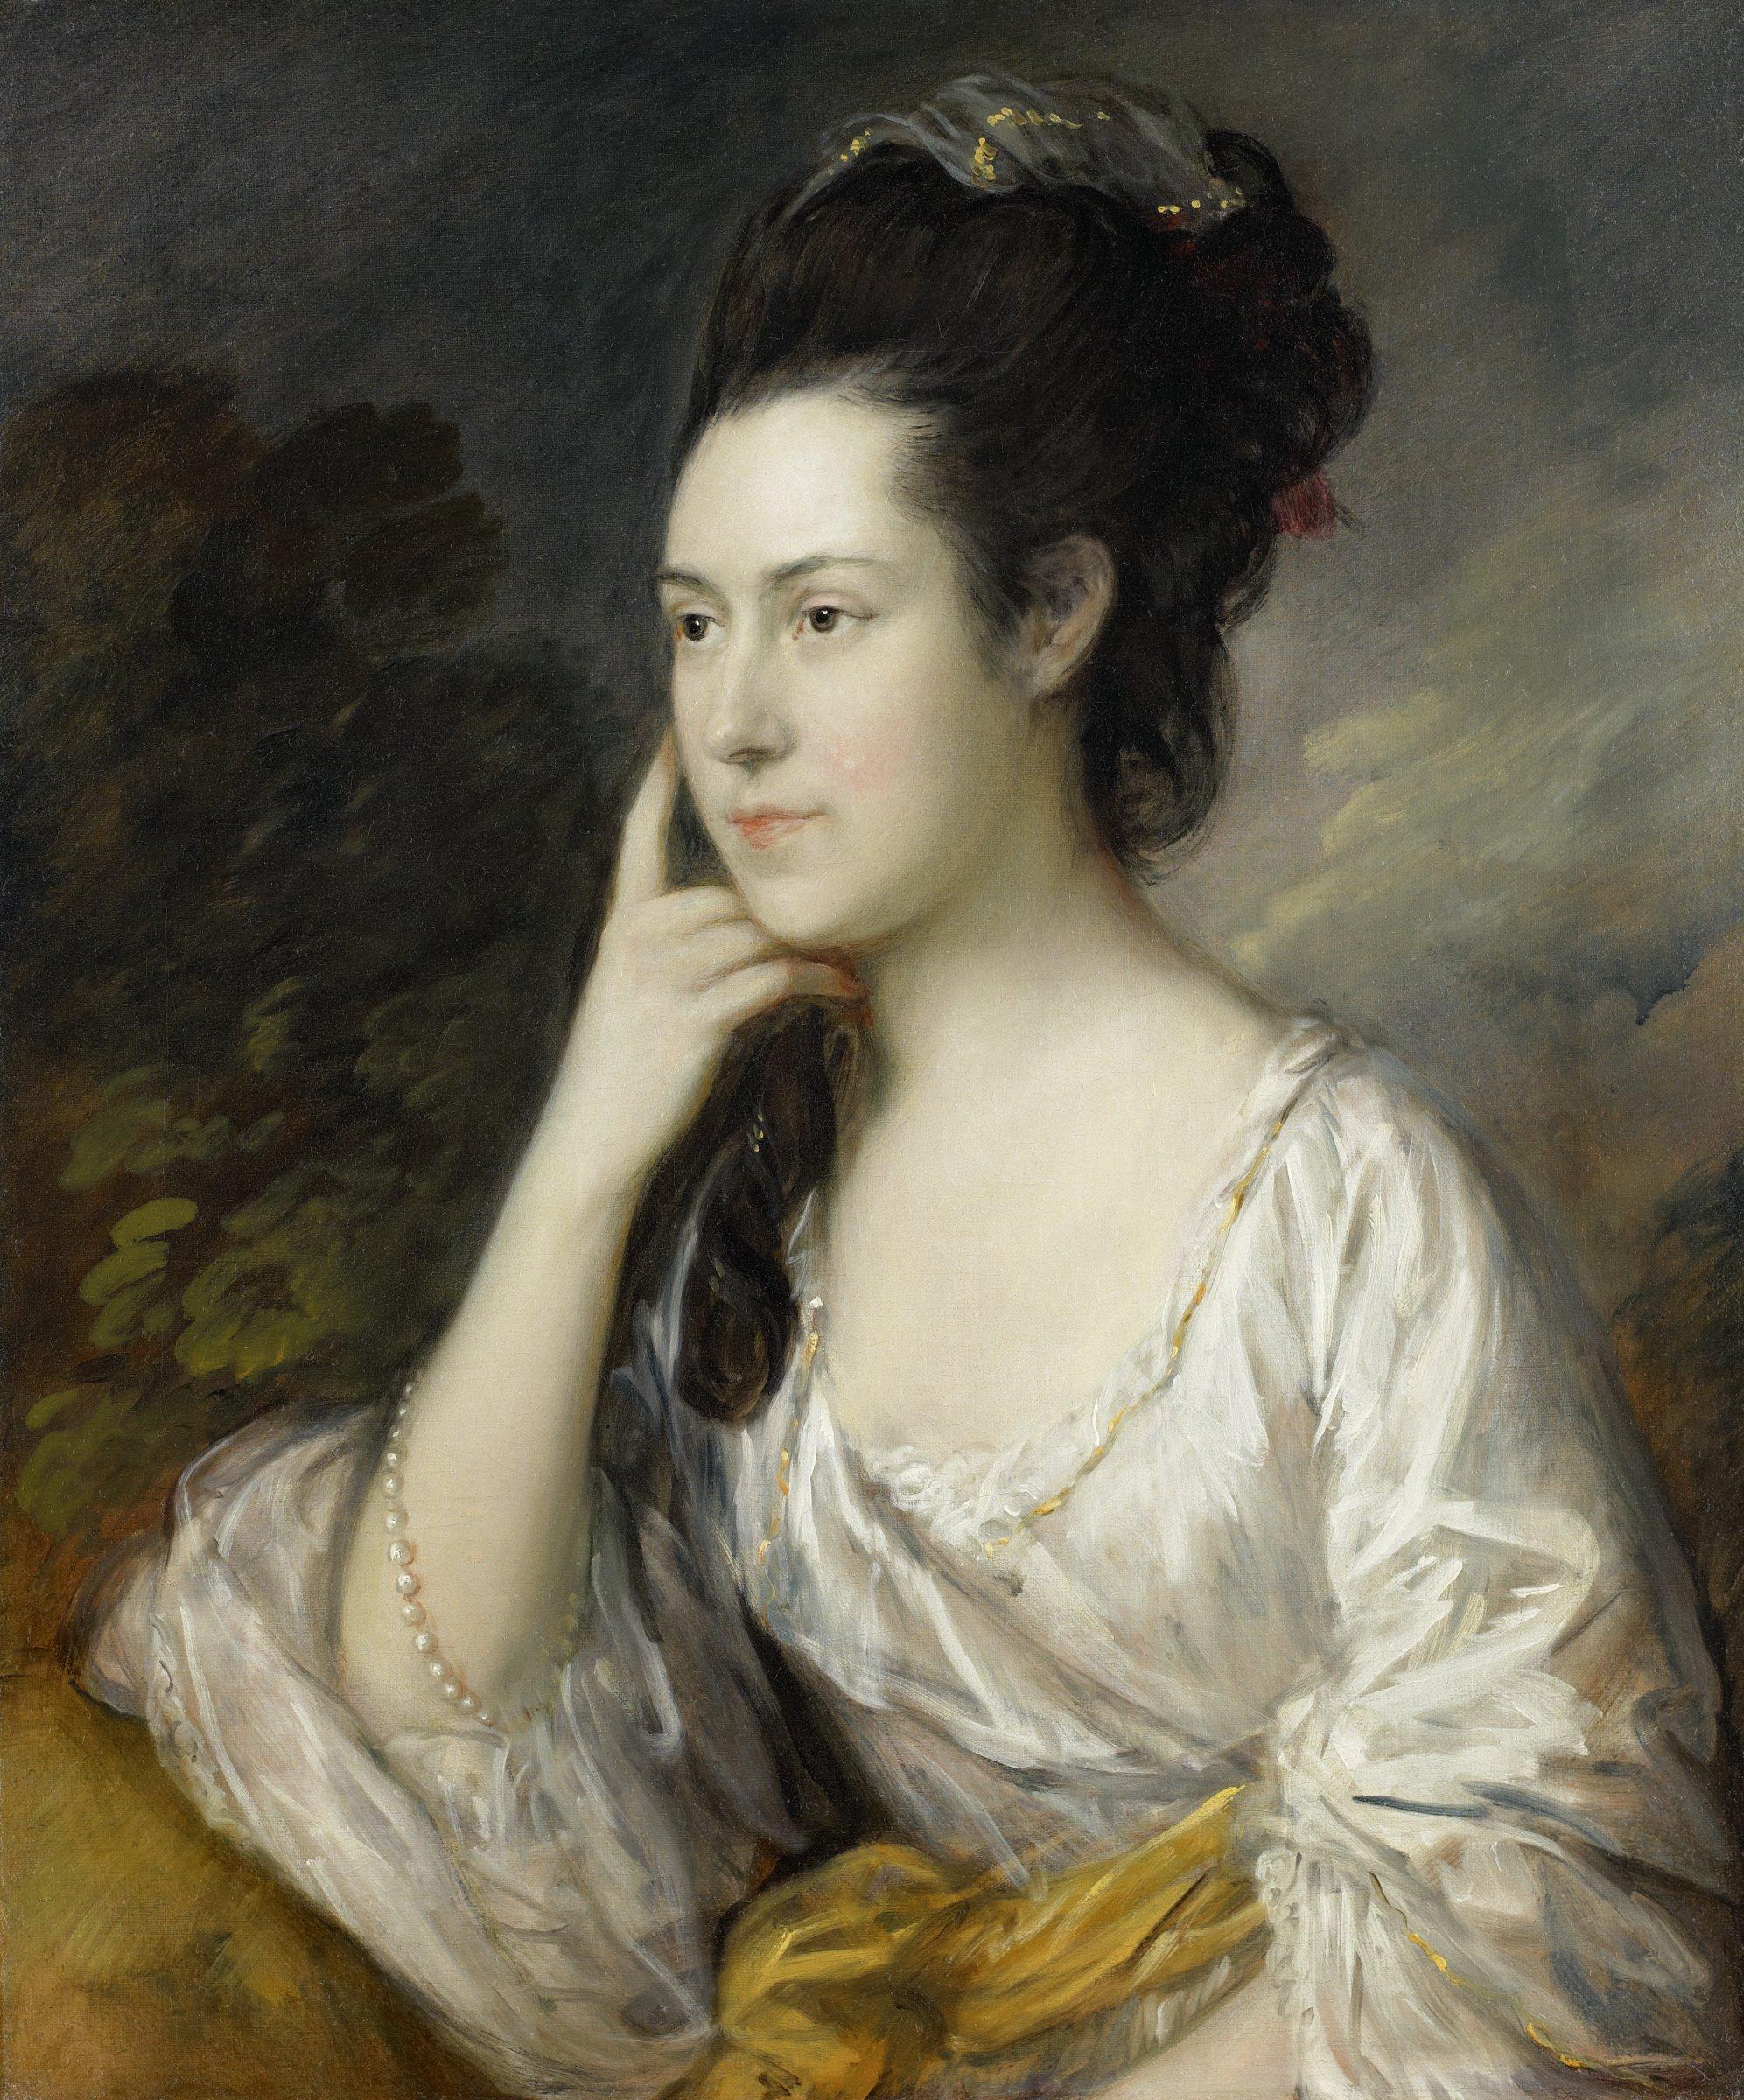 Sarah Rowlls Chad, Thomas Gainsborough, oil on canvas